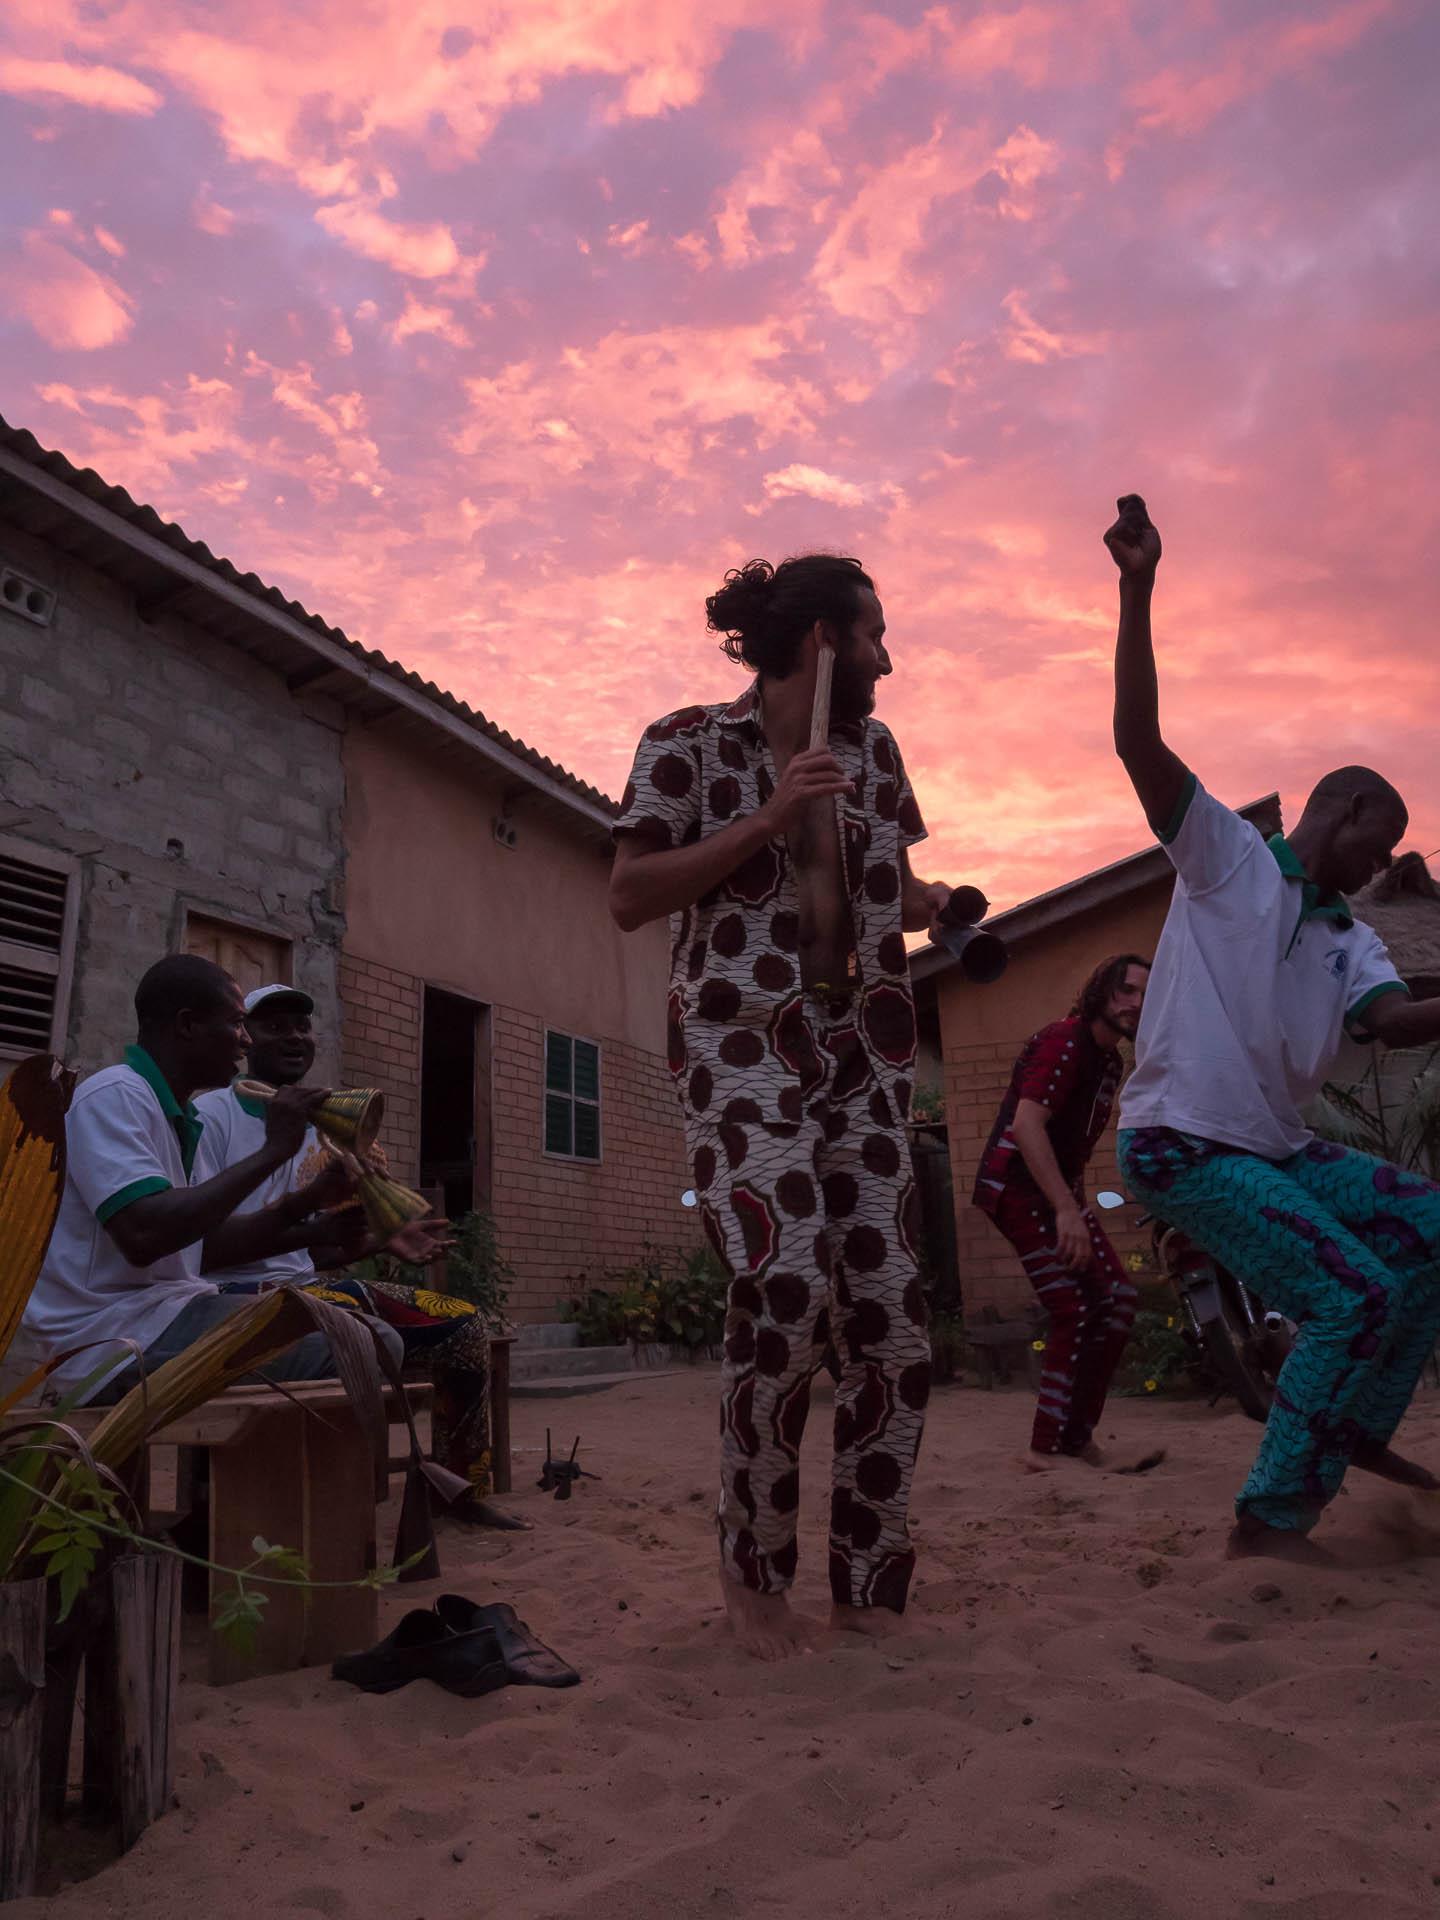 benin danse 2 - Les globe blogueurs - blog voyage nature